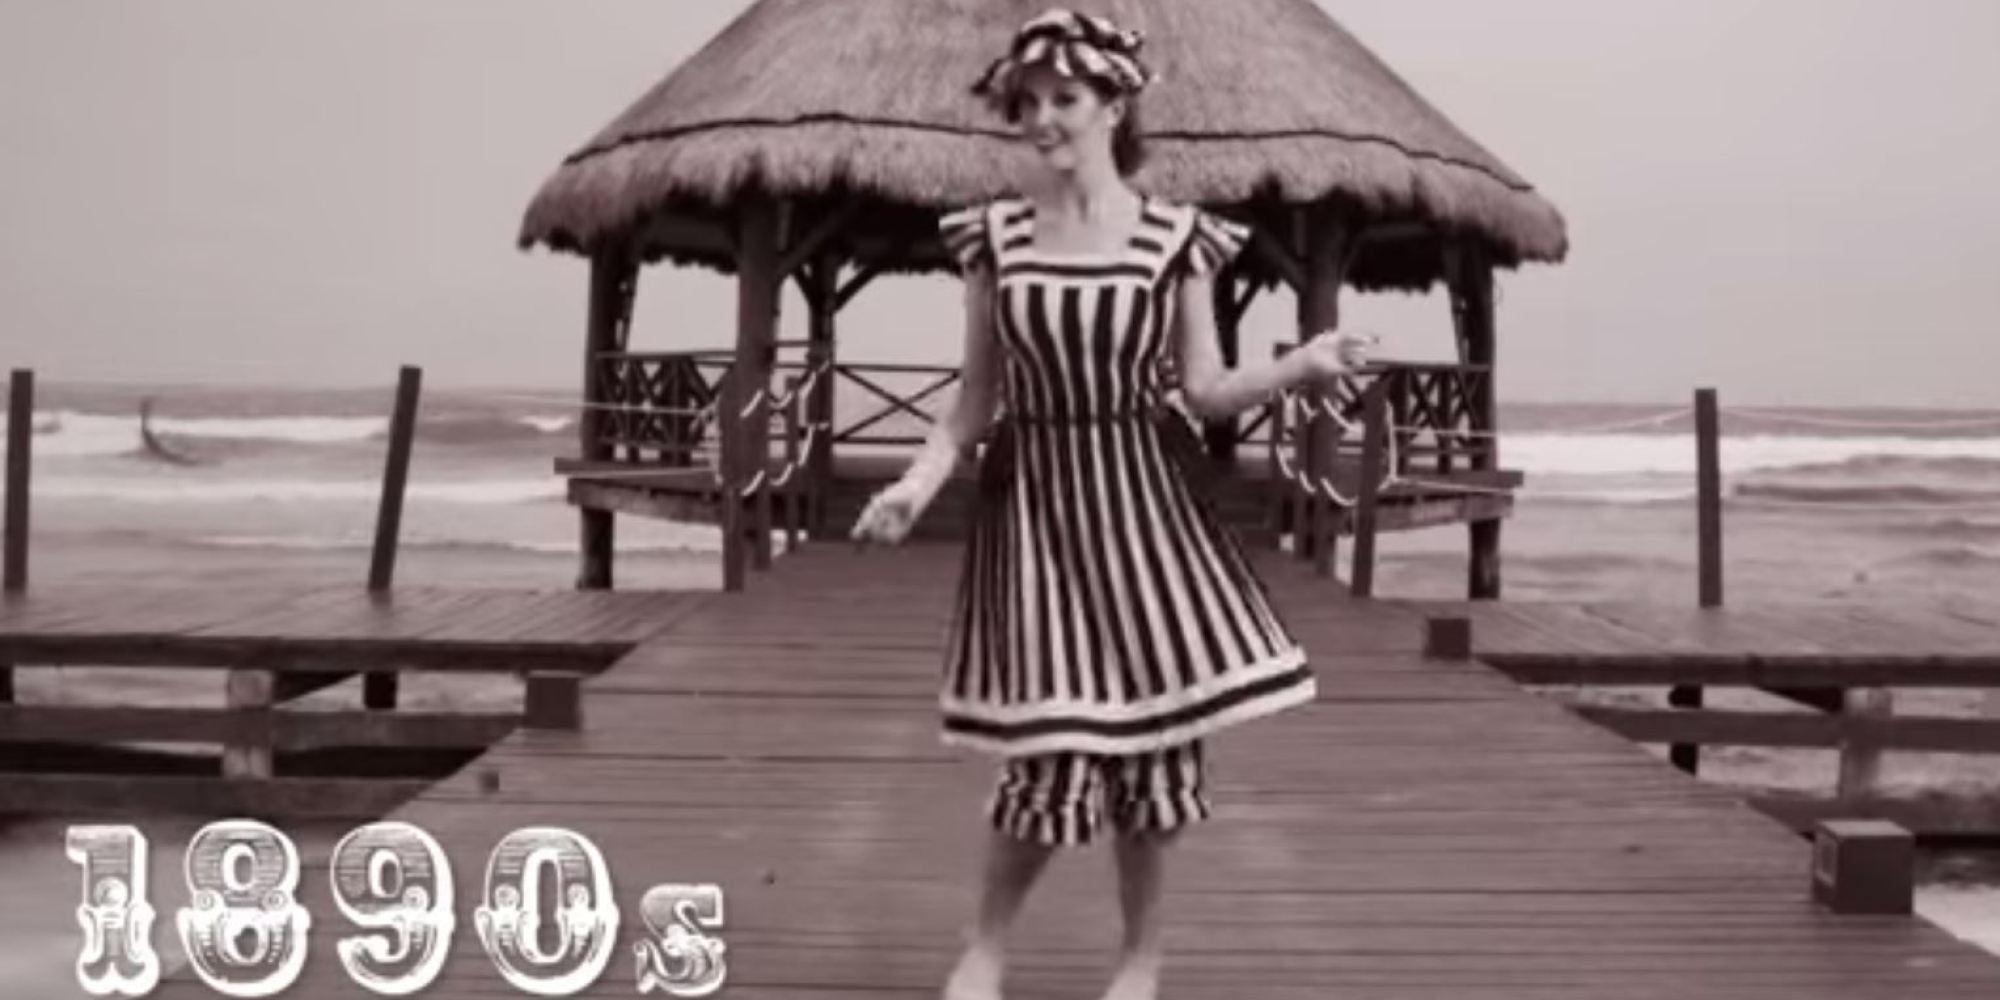 Comment le maillot de bain a volu depuis 1890 vid o - Maillot de bain annee 30 ...